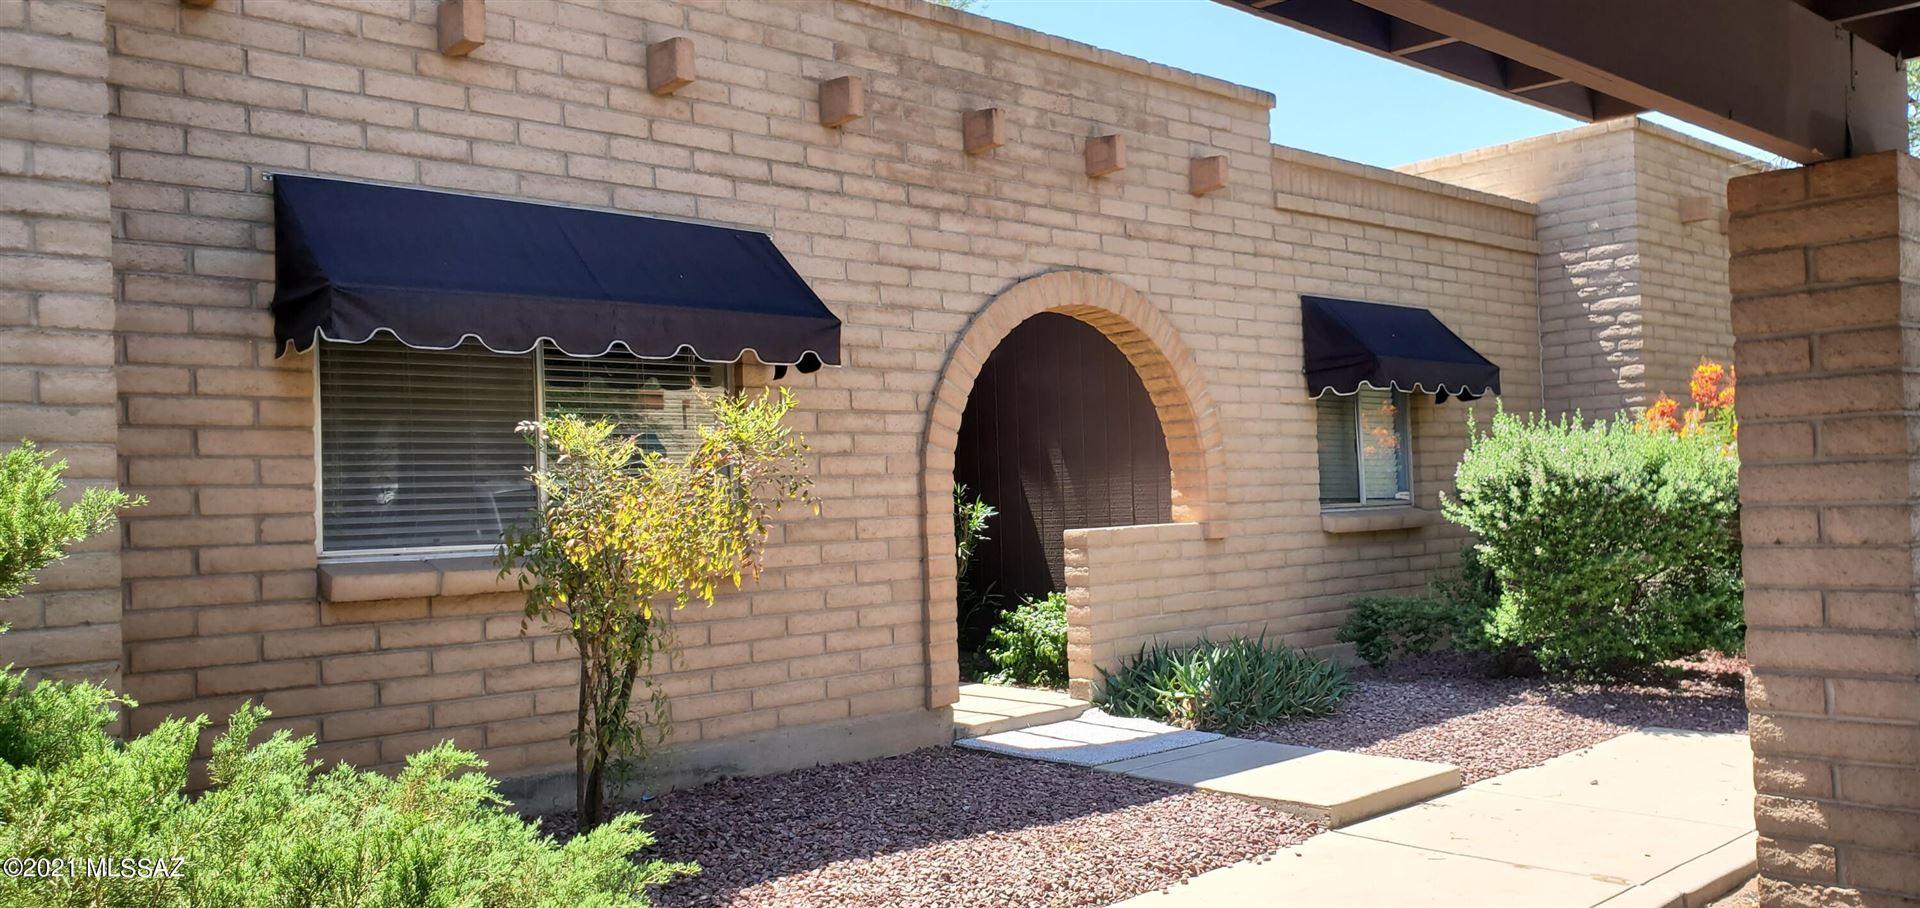 2719 W Jennie Place, Tucson, AZ 85713 - MLS#: 22113275